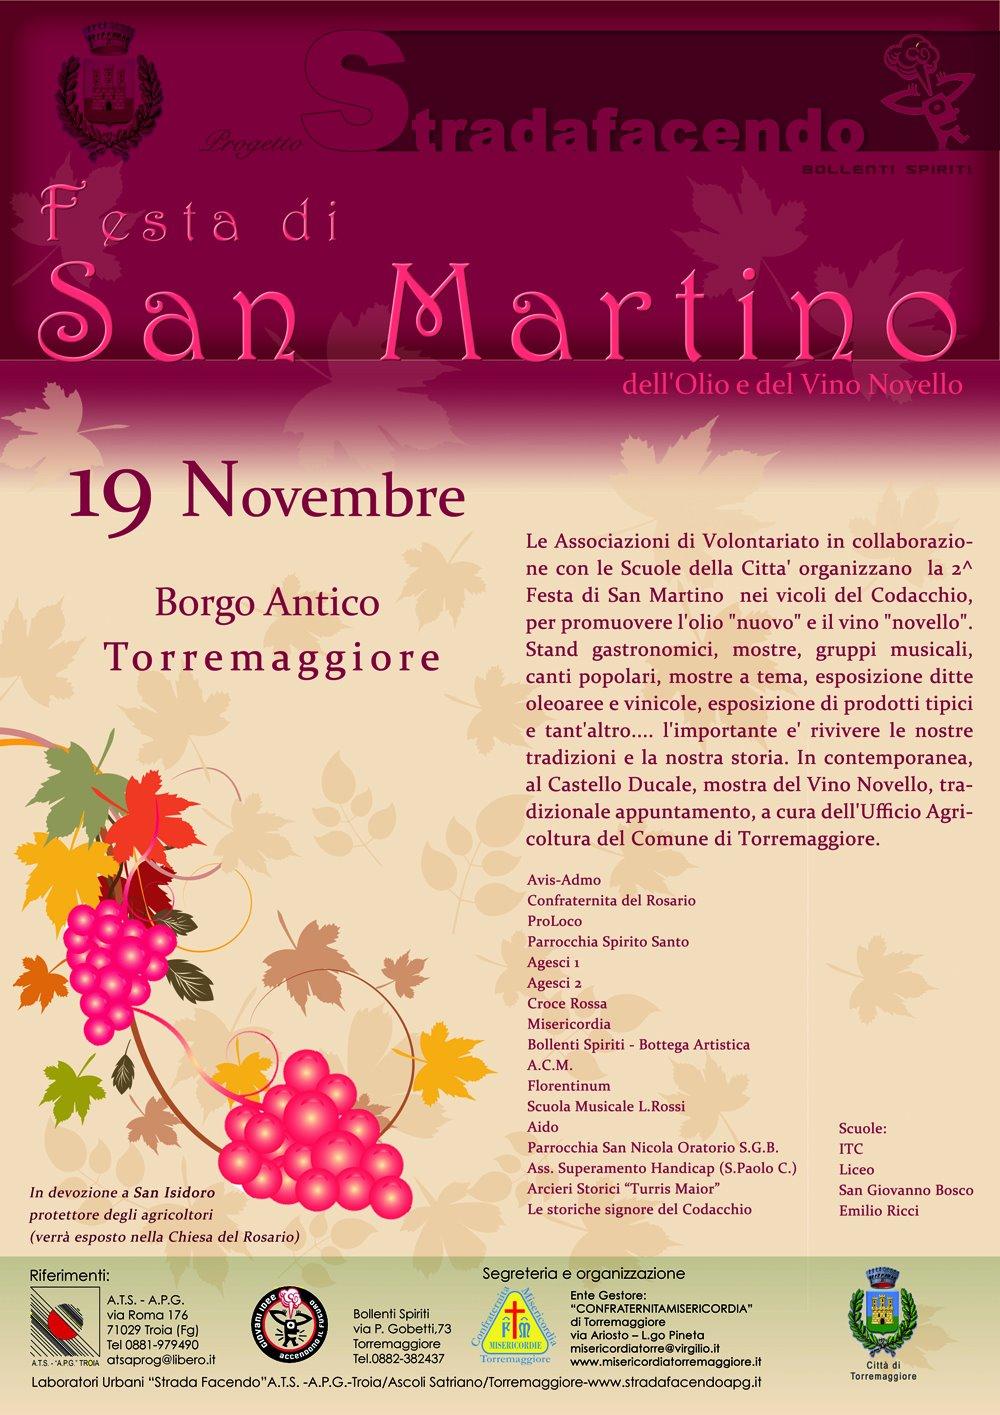 2.a Festa di San Martino. 19 Novenbre 2011, Borgo Antico Torremaggiore